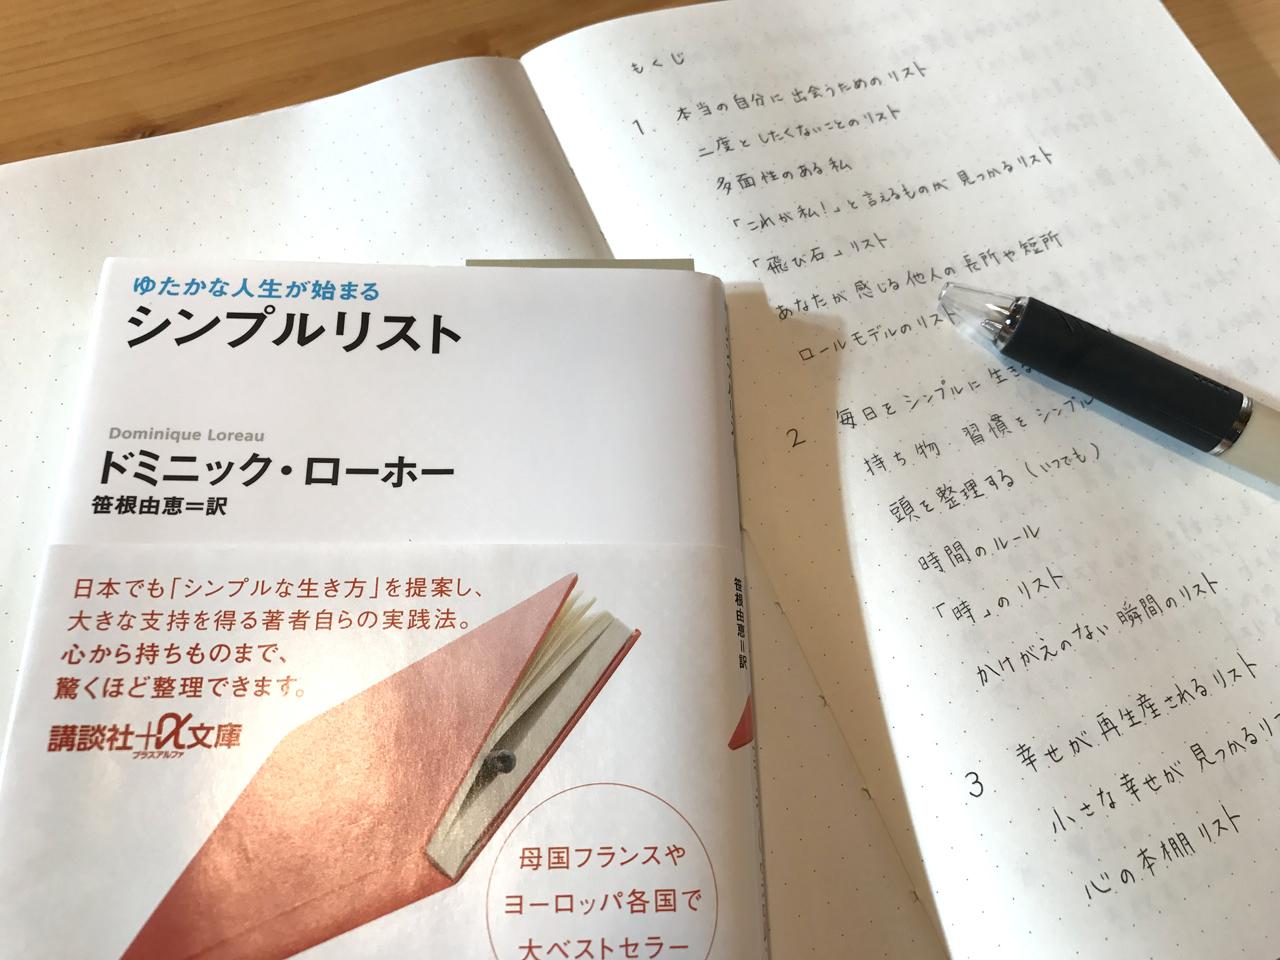 しあわせに気づけない理由が分かった気がする:「シンプルリスト」という本